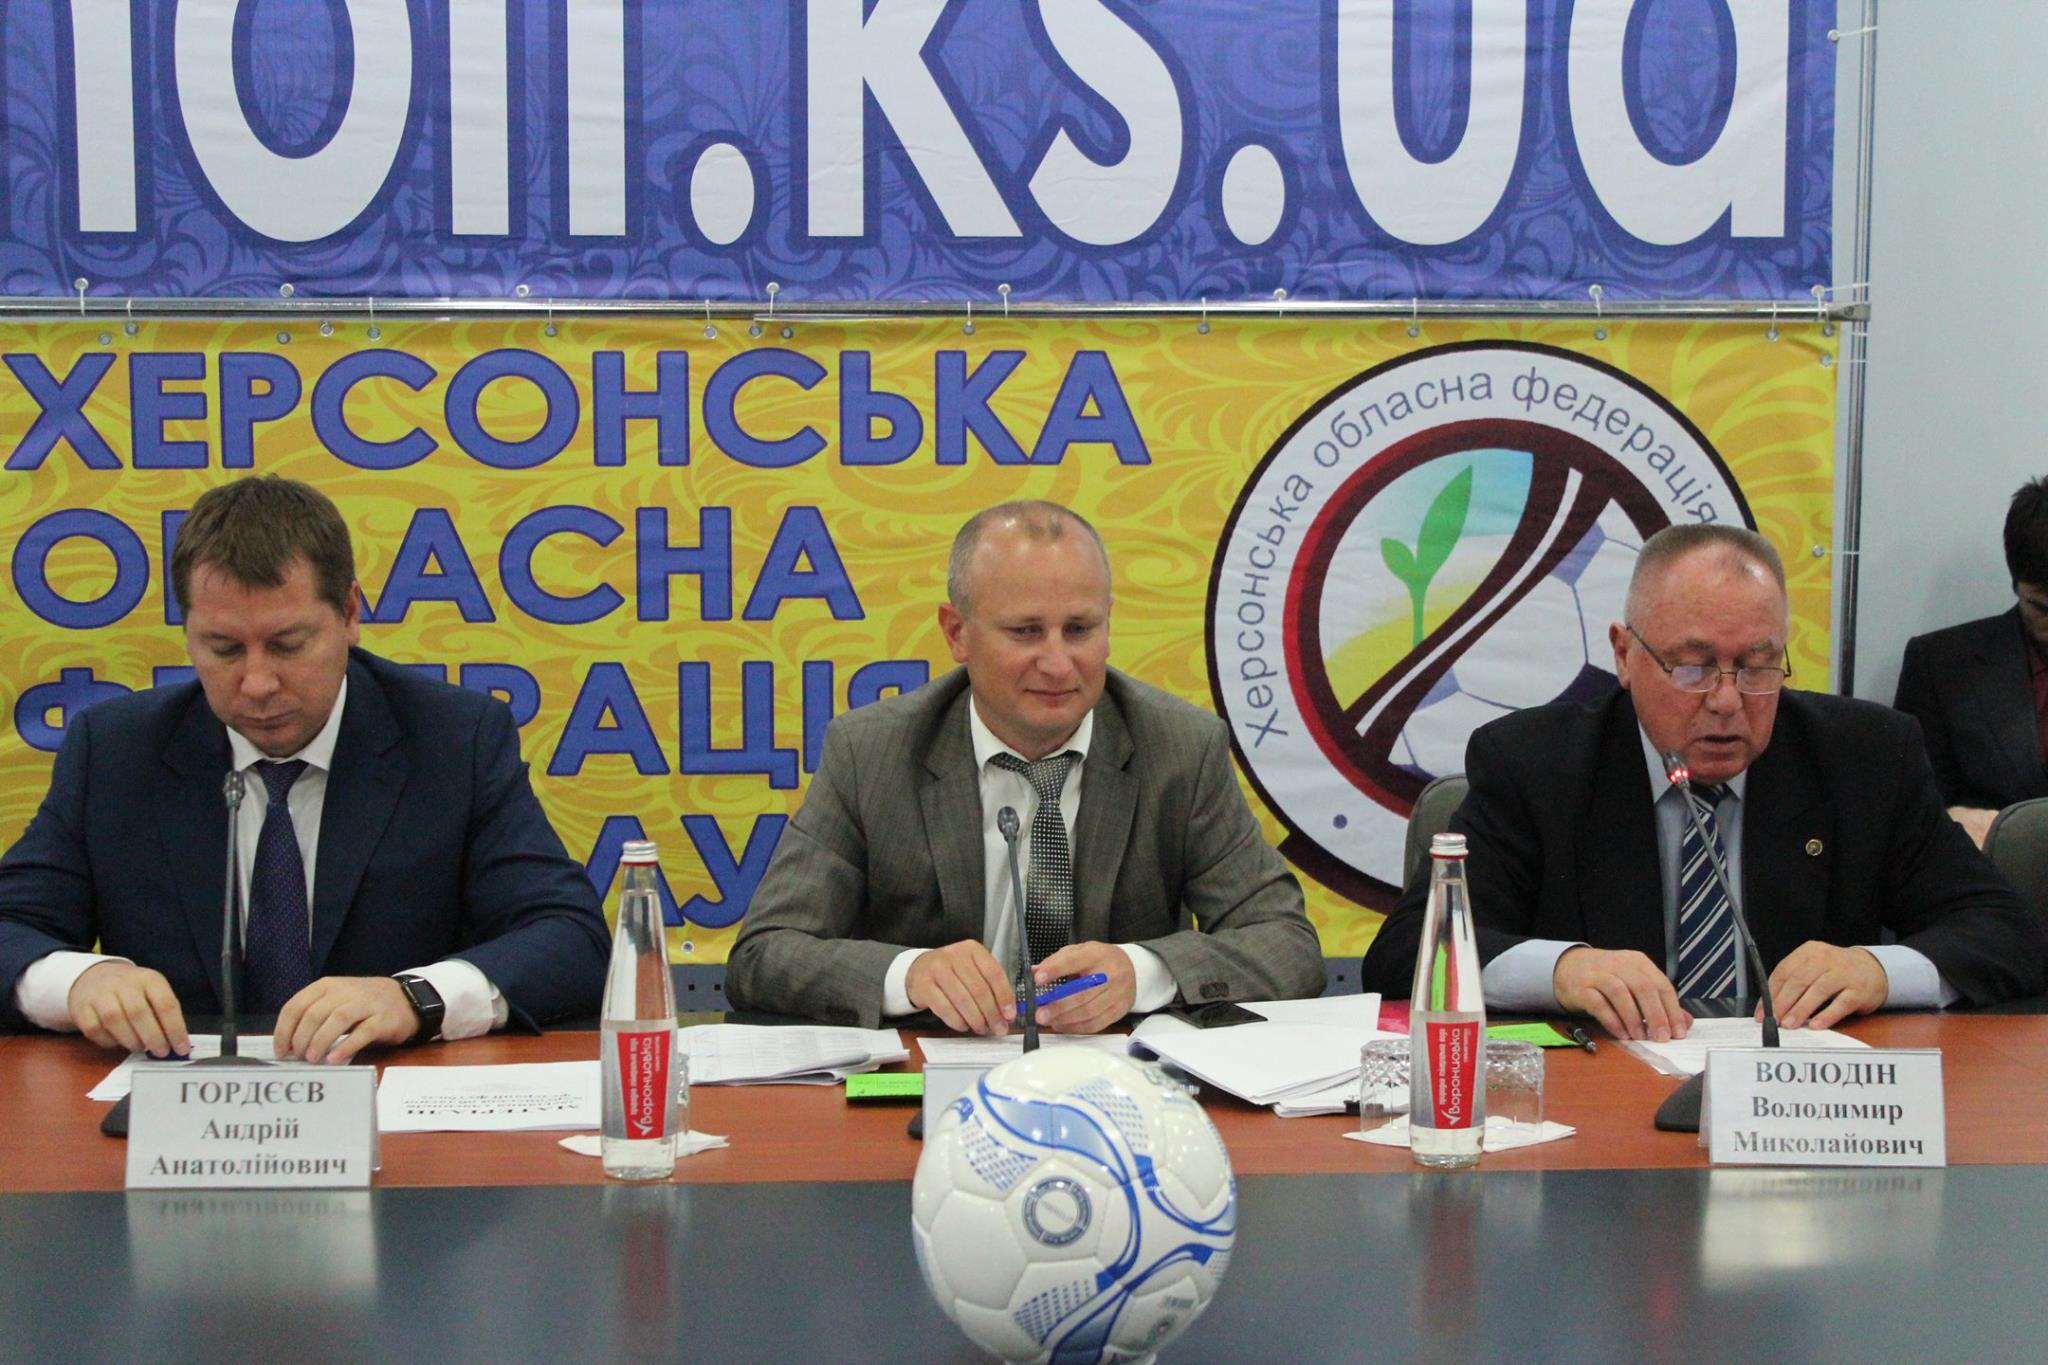 Нагадуємо, 10 березнявідбудеться організаційне зібрання з представниками районних асоціацій футболу та представниками команд Херсонської області.